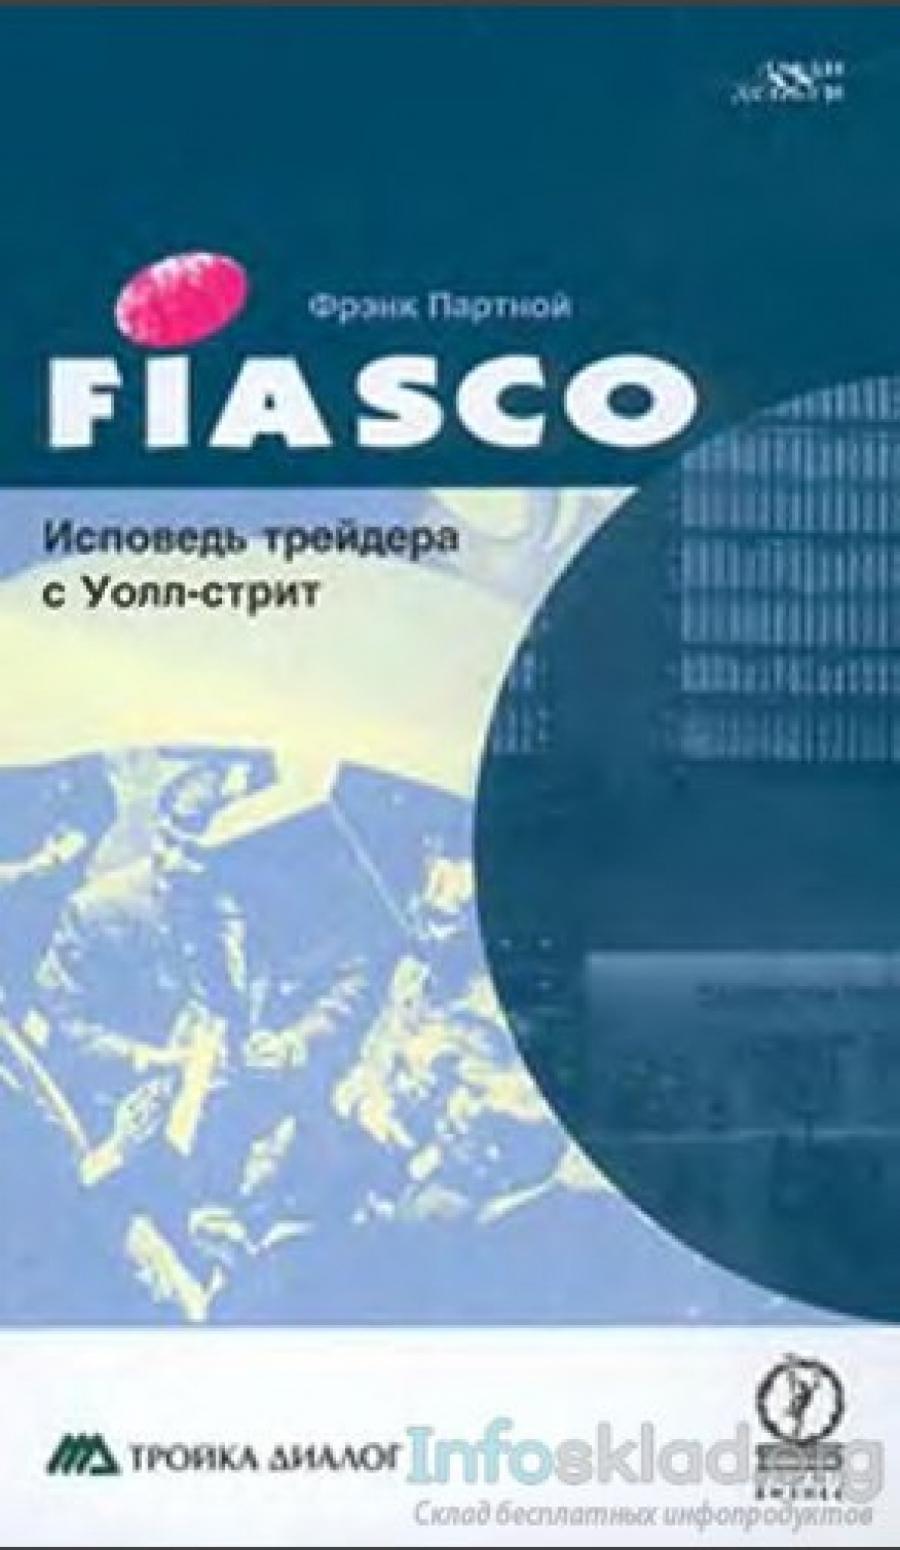 Обложка книги:  ф. партной - fiasco. исповедь трейдера с уолл-стрит